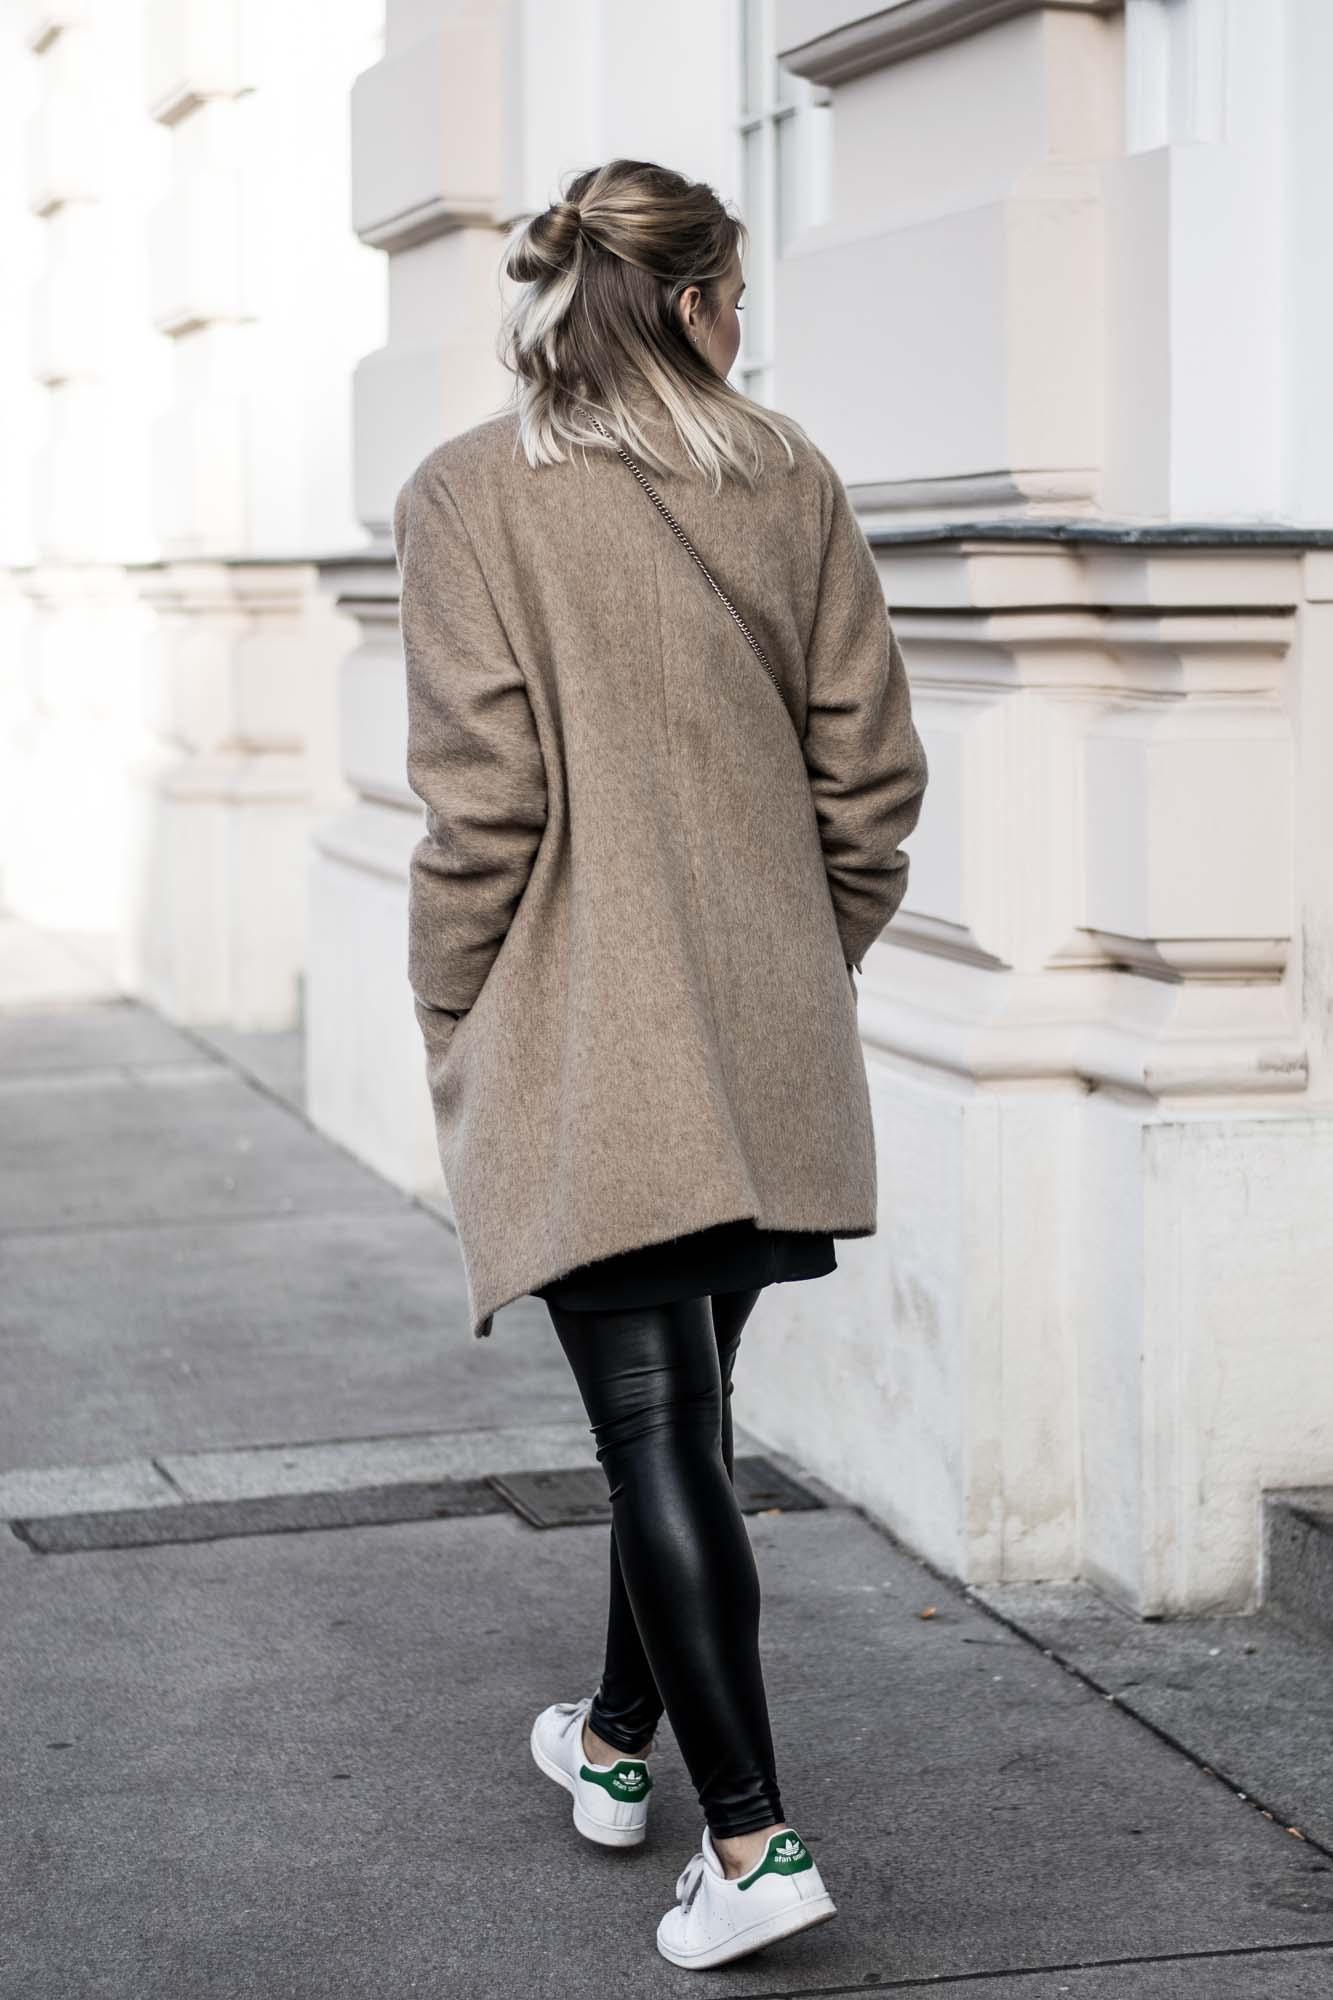 giveherglitter-camelcoat-fashionblog-1